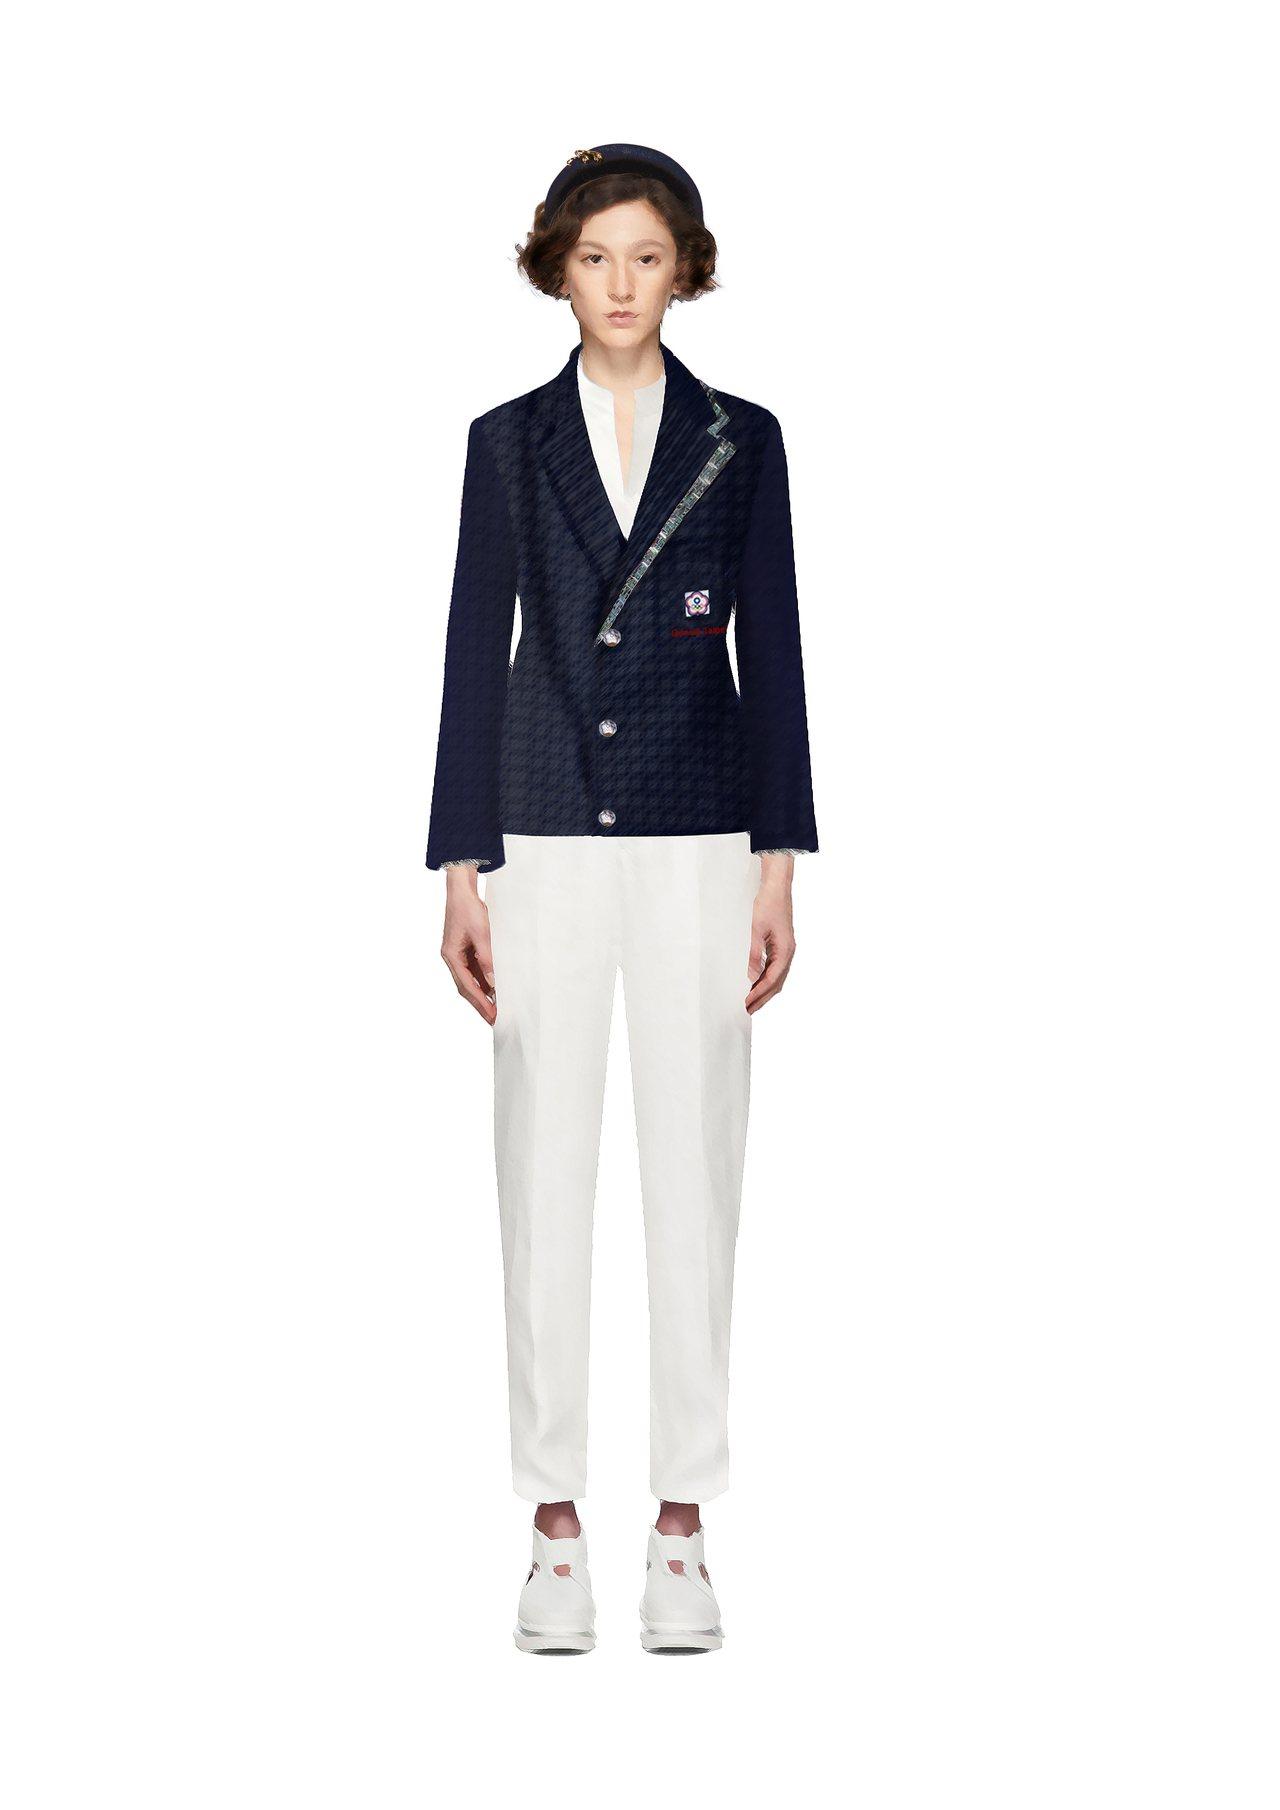 周裕影設計2020年東京奧運中華代表團進場服裝的設計圖。圖/JUST IN XX...